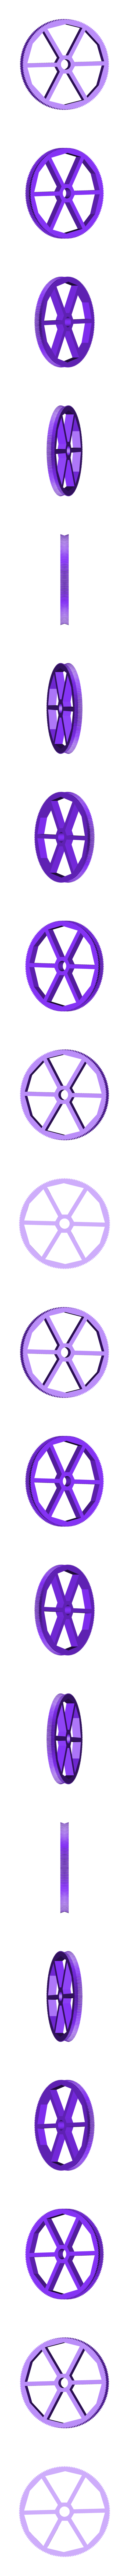 Tacho_wheel_167t_x_0.8.STL Download free STL file Turbine Rotary Tool 60,000 rpm • 3D printing object, Jeypera3D